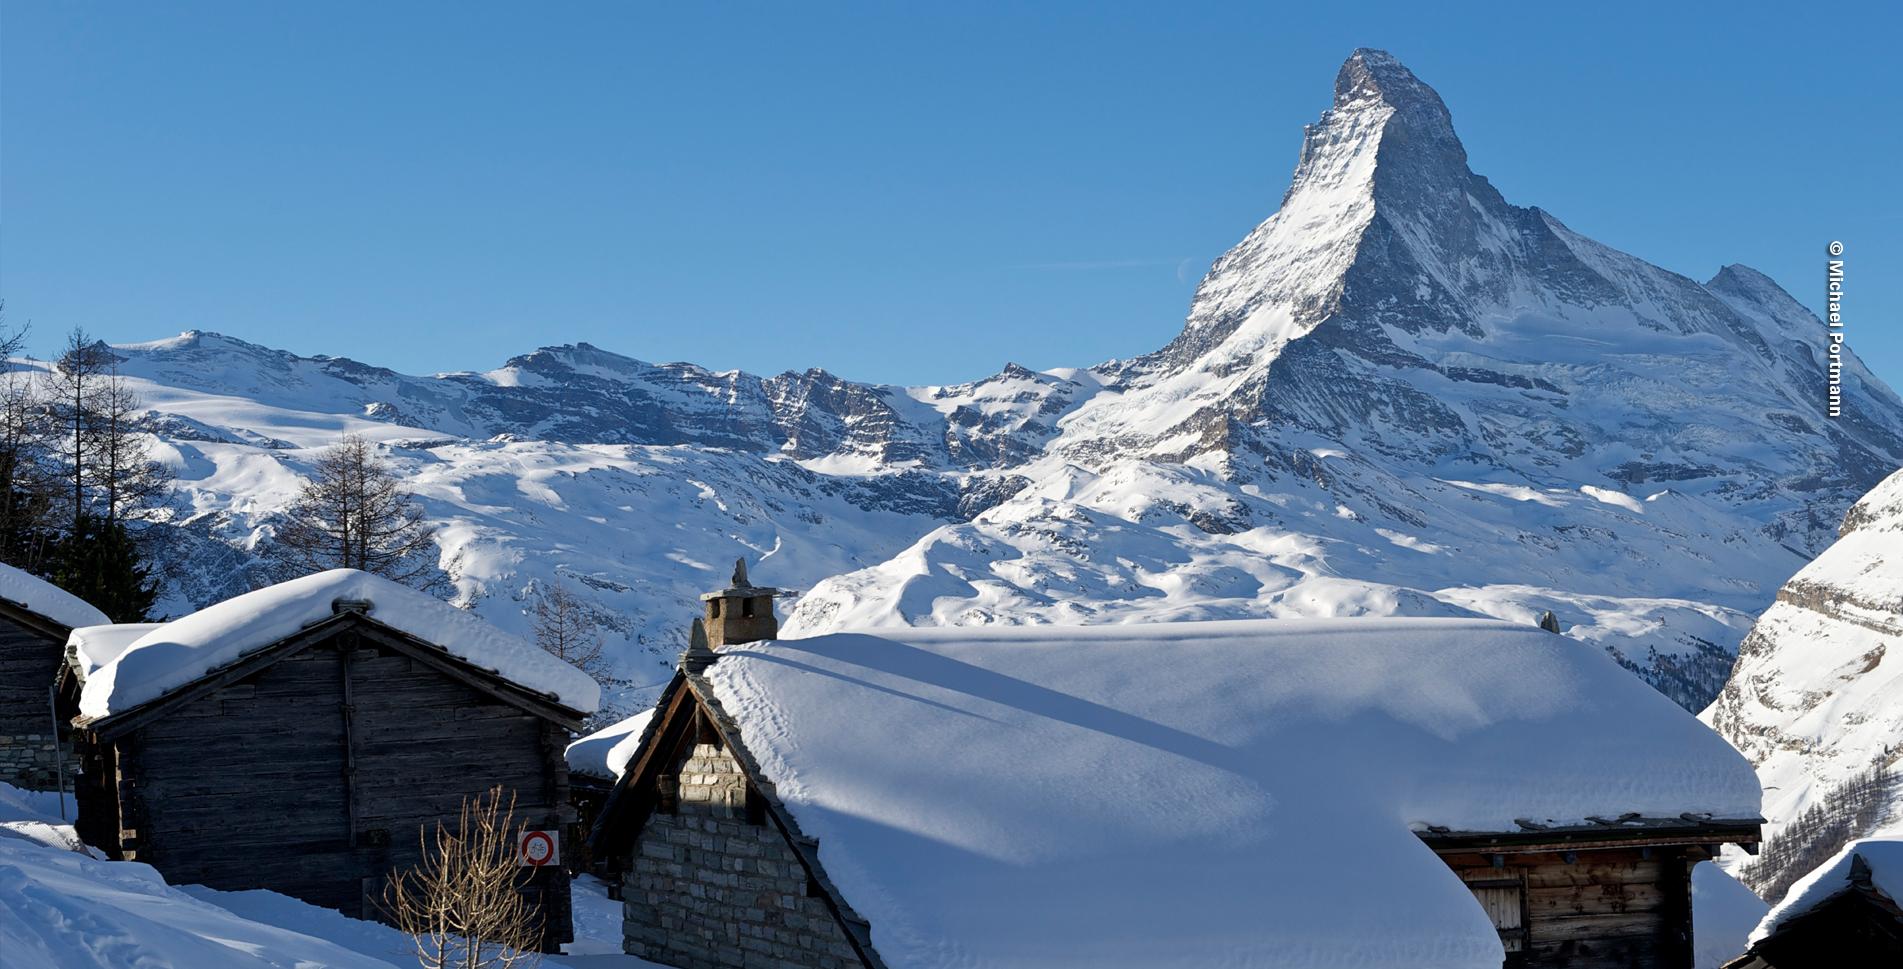 Winterwanderung von der Riffelalp Station, oberhalb Zermatt, via Riffelalp Hotel, Chämi Hitta, Restaurant Ritti nach Zermatt Winkelmatten